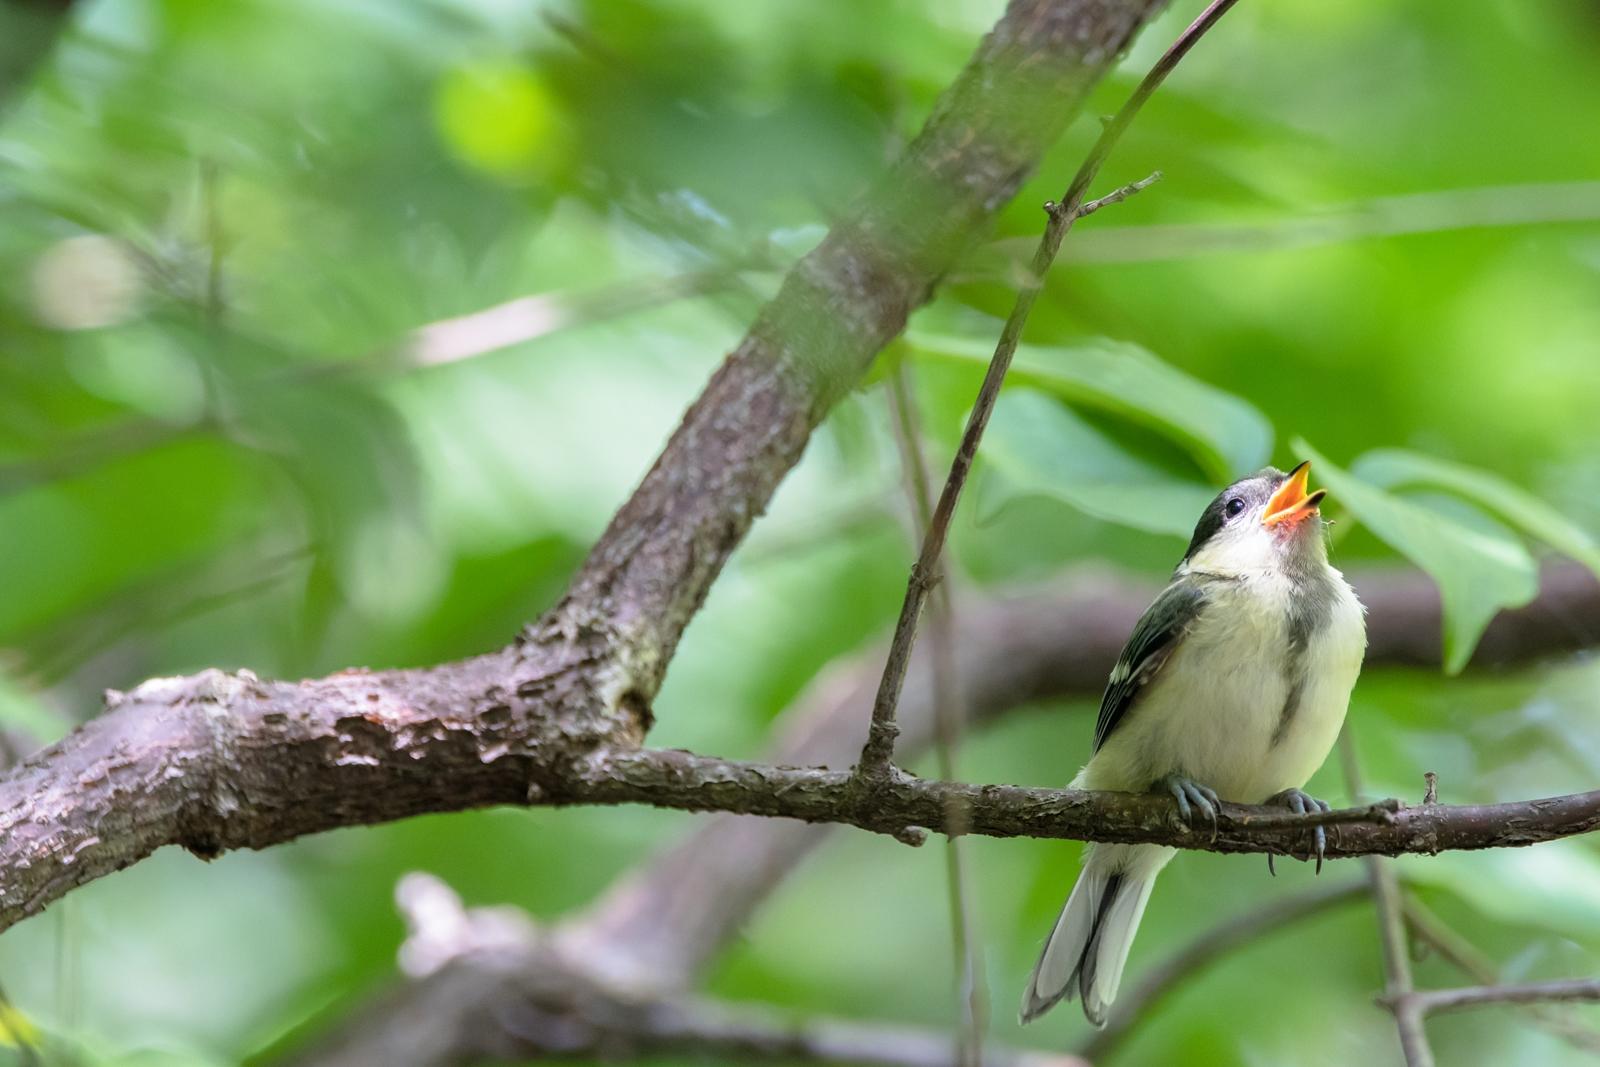 Photo: 「恵みの陽射し」 / Sunshine of blessing.  葉の隙間から きらきらこぼれてくる とてもあたたかくて 木々や葉も とってもとっても嬉しそう  Japanese Tit. (シジュウカラ)  Nikon D500 SIGMA 150-600mm F5-6.3 DG OS HSM Contemporary  #birdphotography #birds #kawaii #ことり #小鳥 #nikon #sigma  ( http://takafumiooshio.com/archives/2796 )